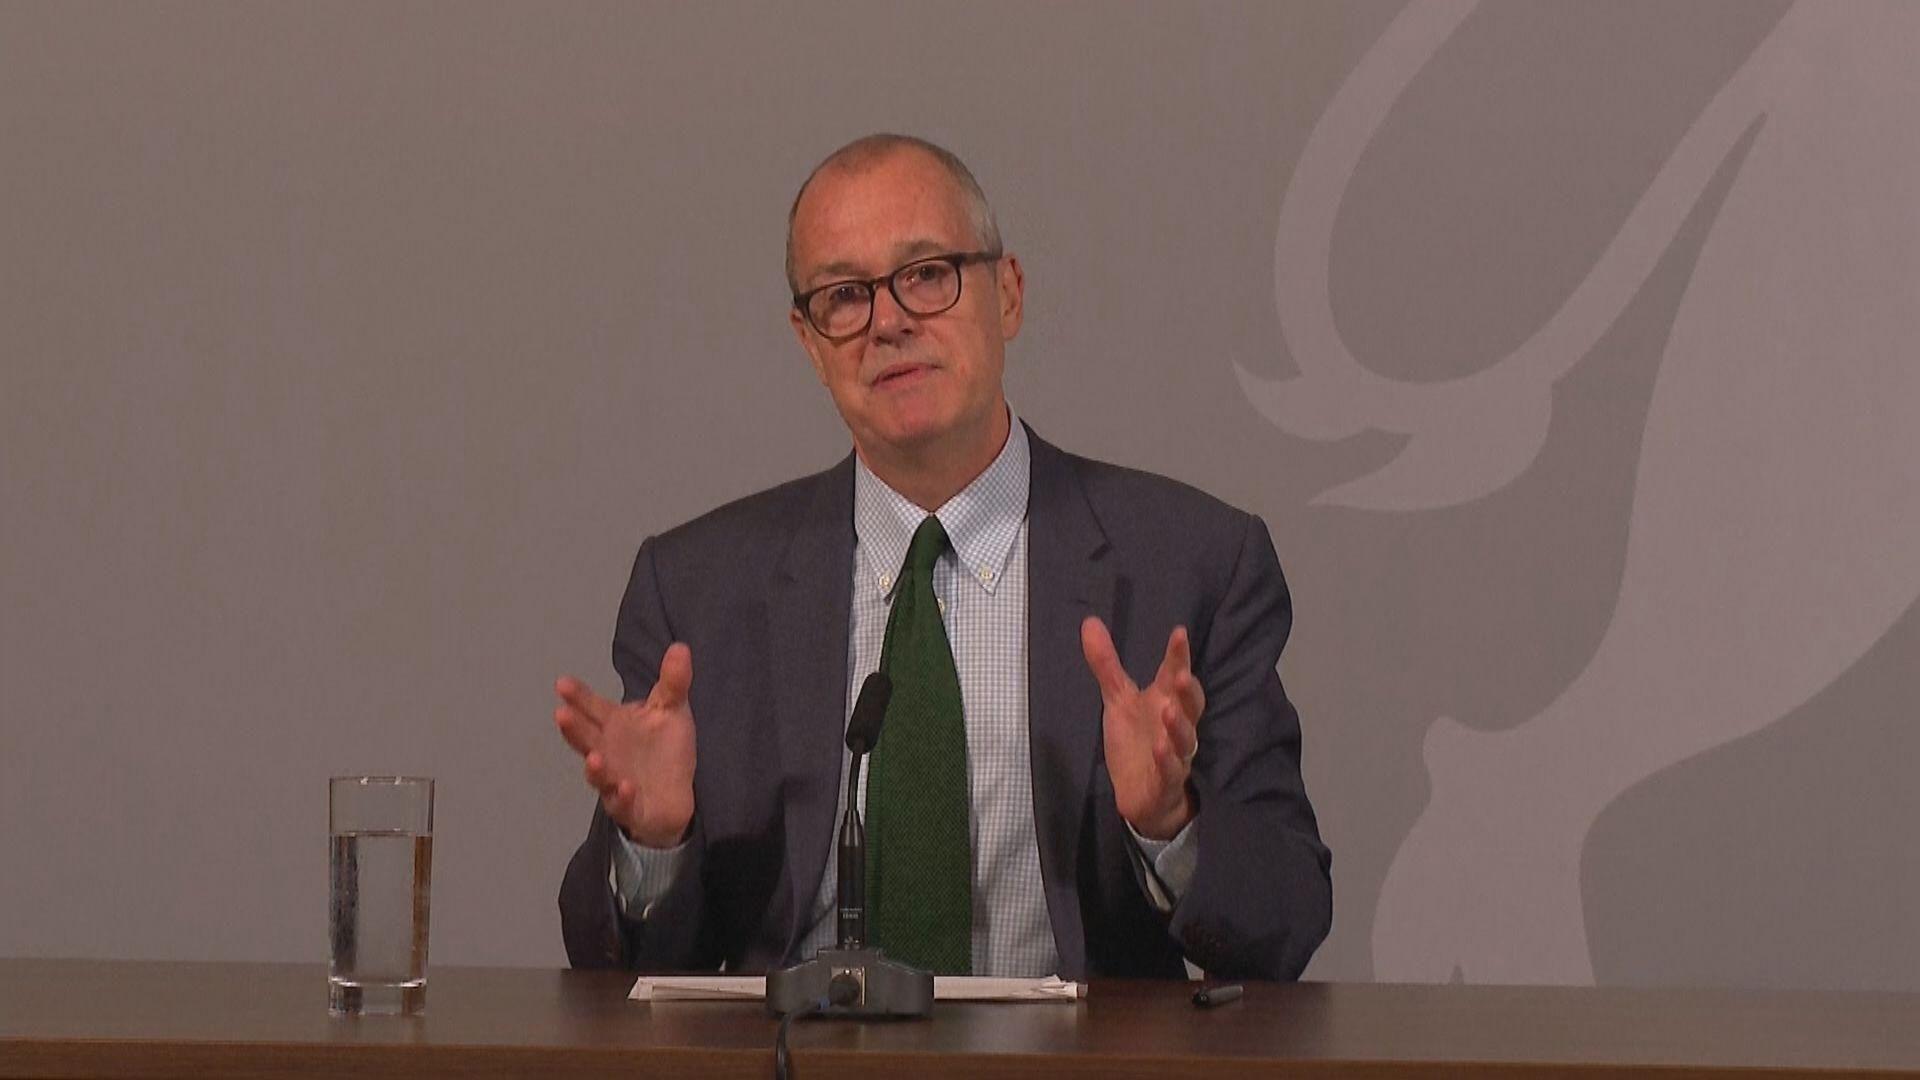 英衞生大臣指將採取與以往不同防疫措施